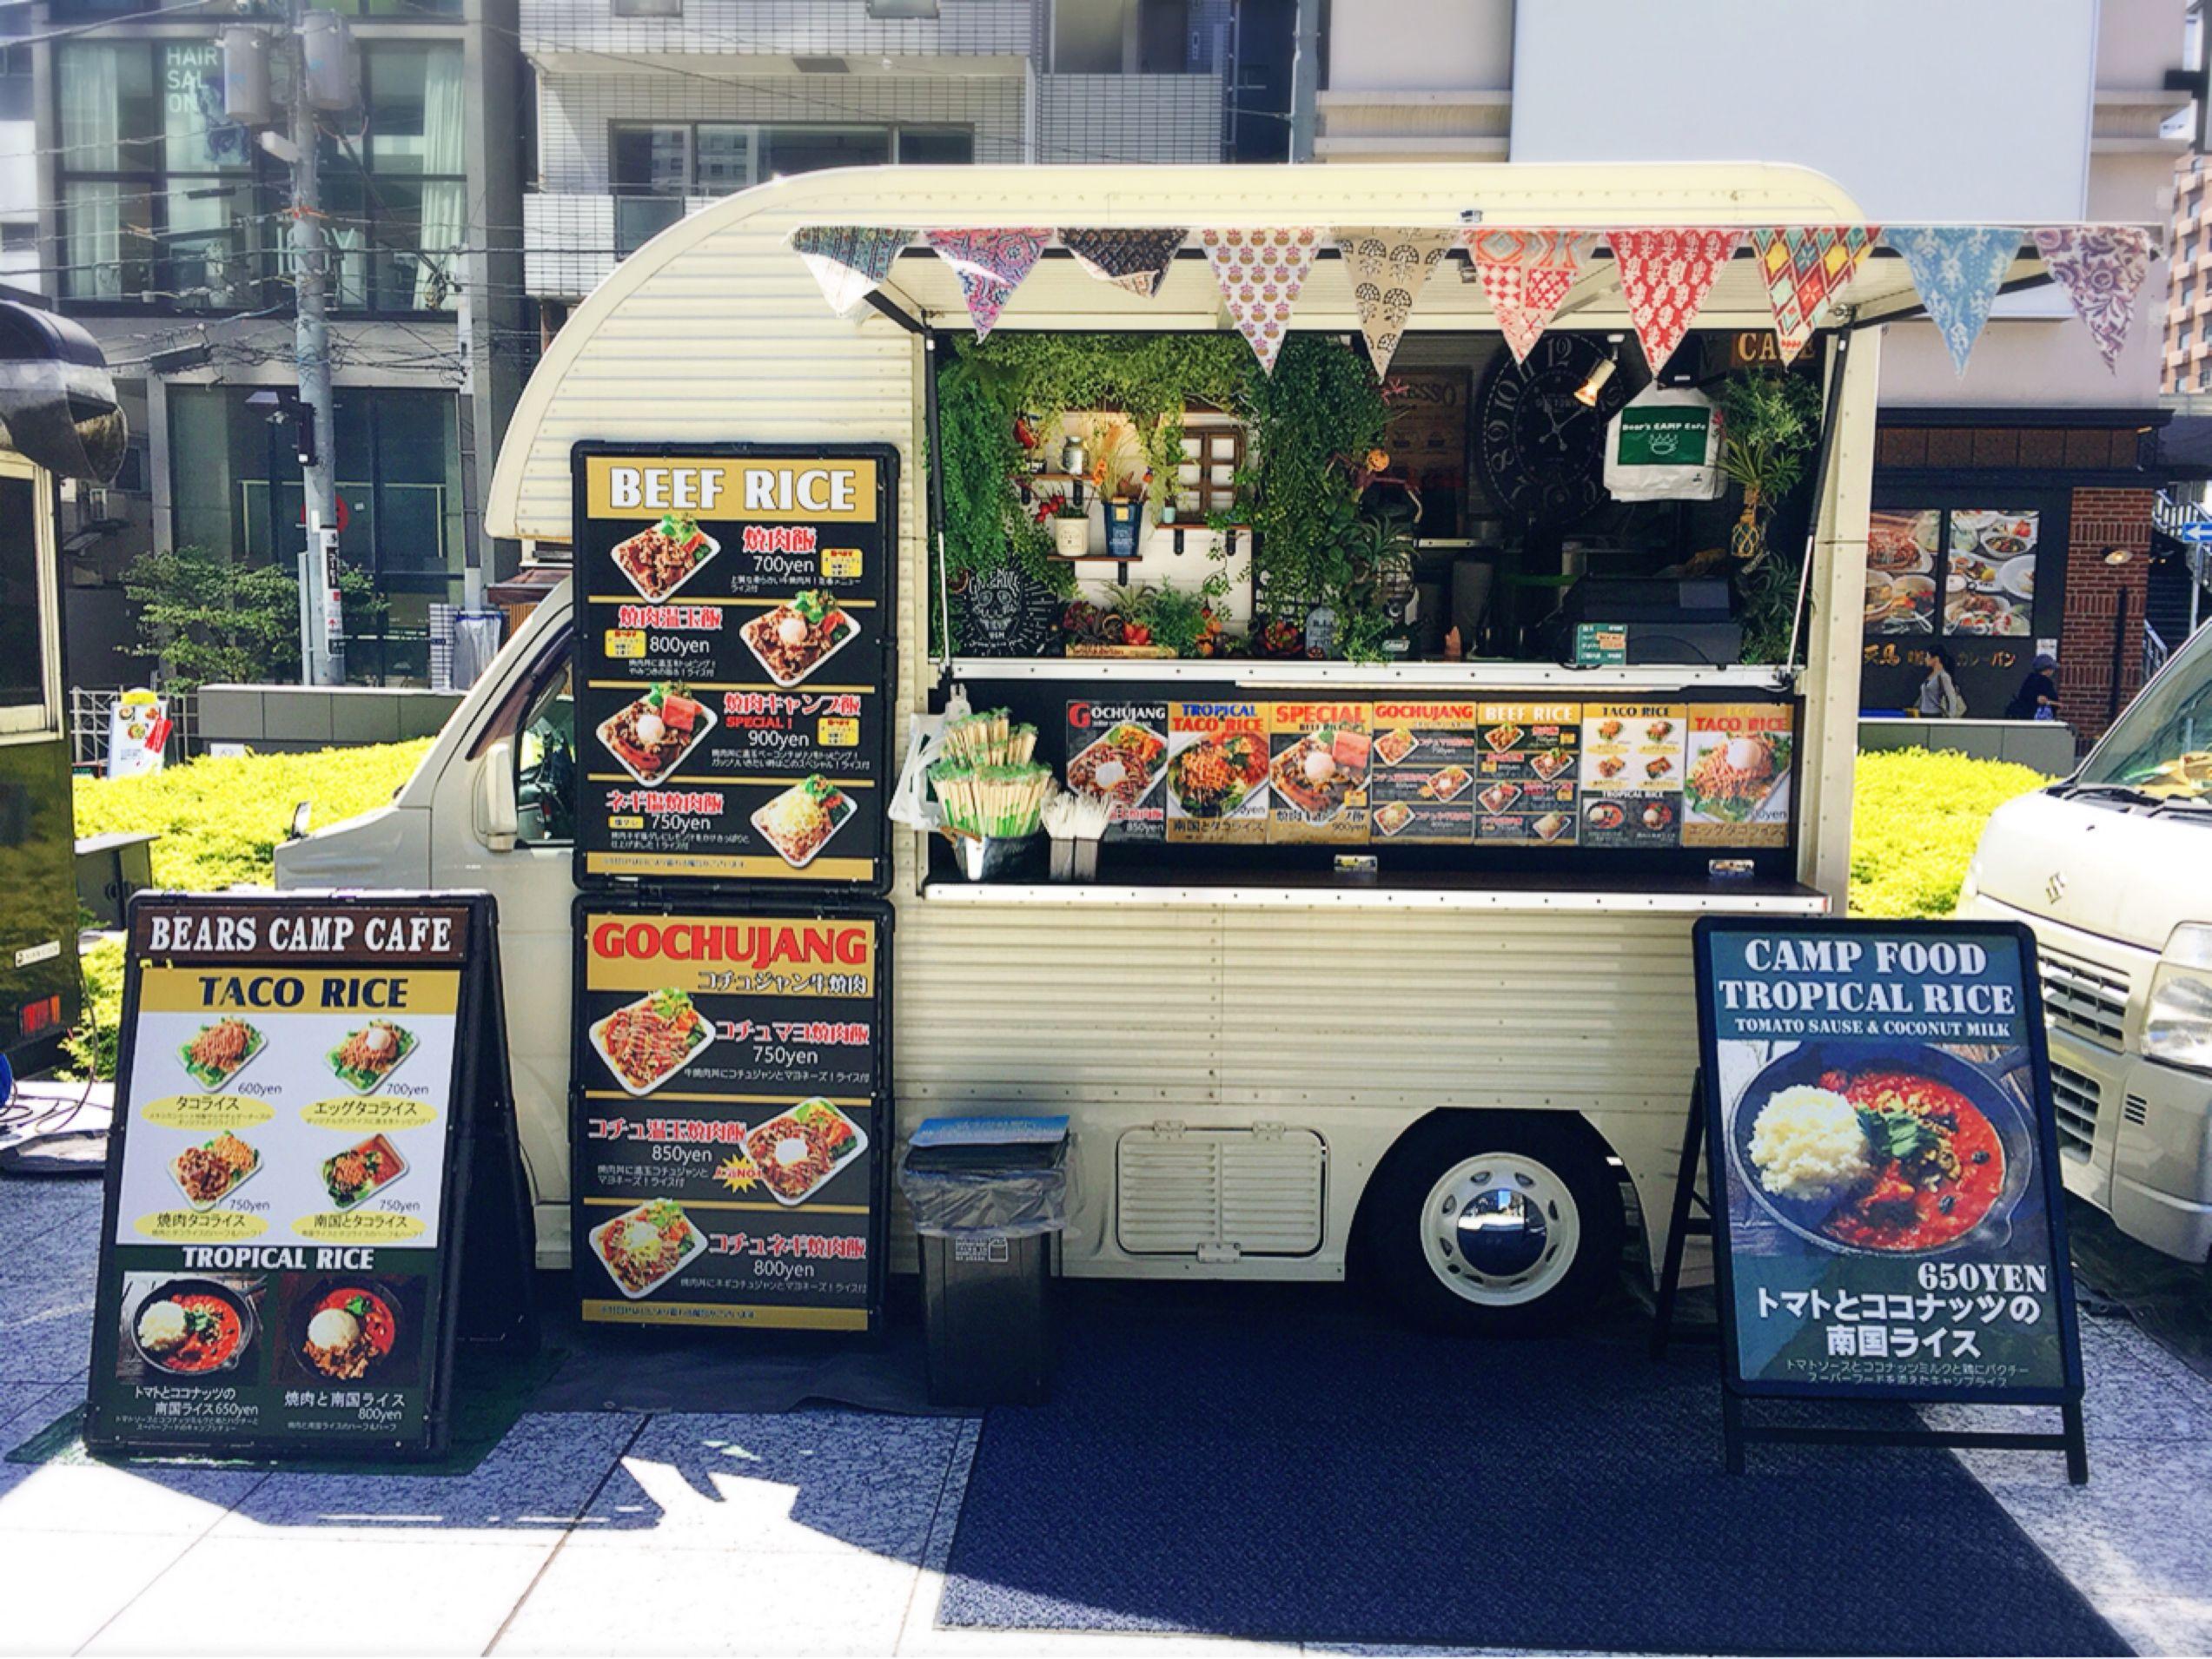 Bear S Camp Cafe フードトラックのデザイン フードトラック